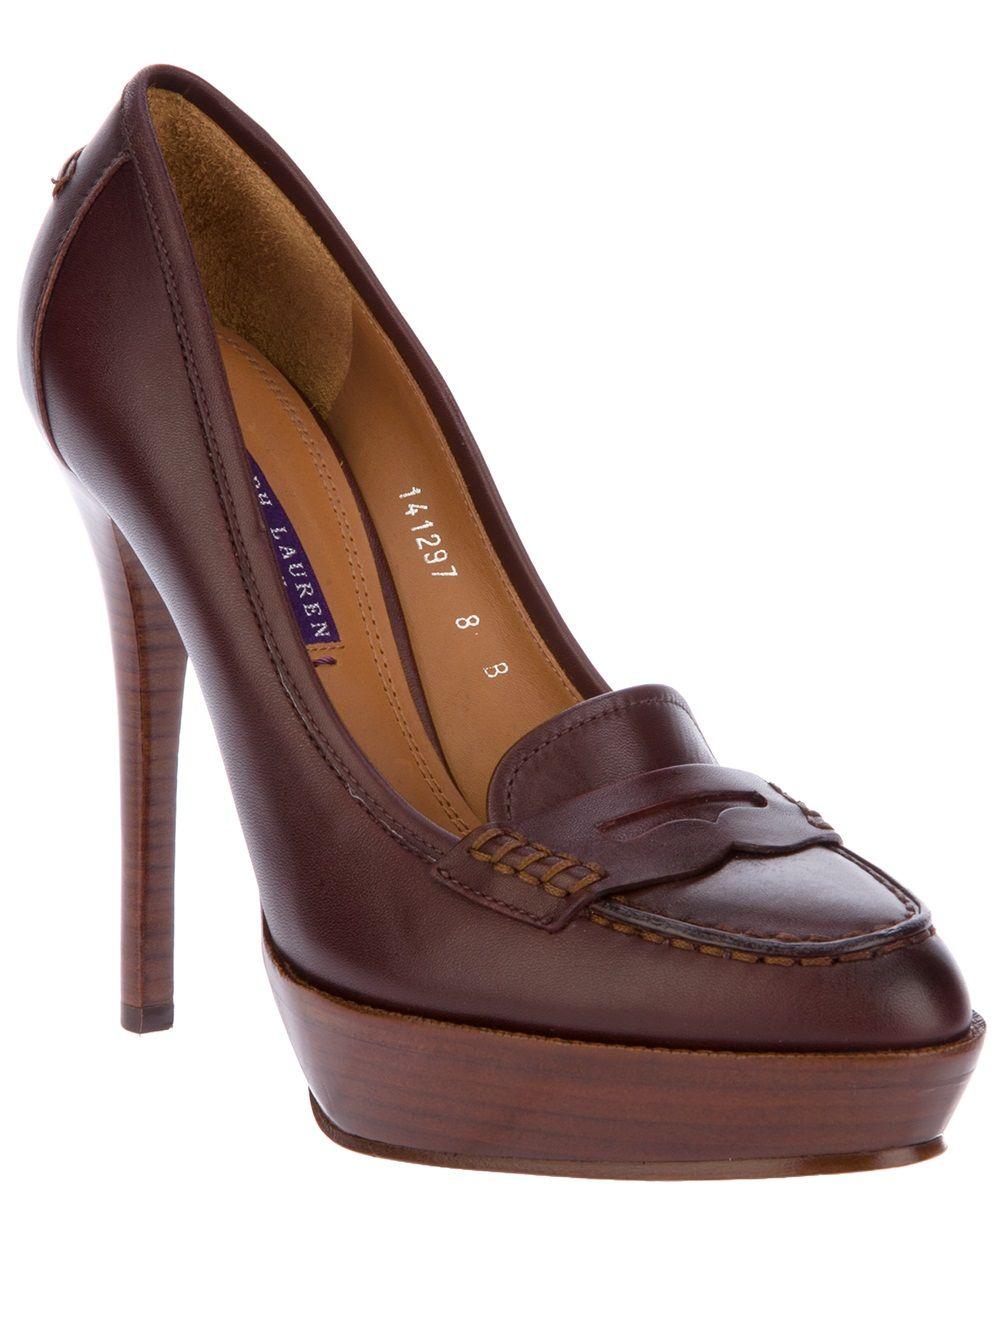 9792ba43da00 RALPH LAUREN Platform loafer